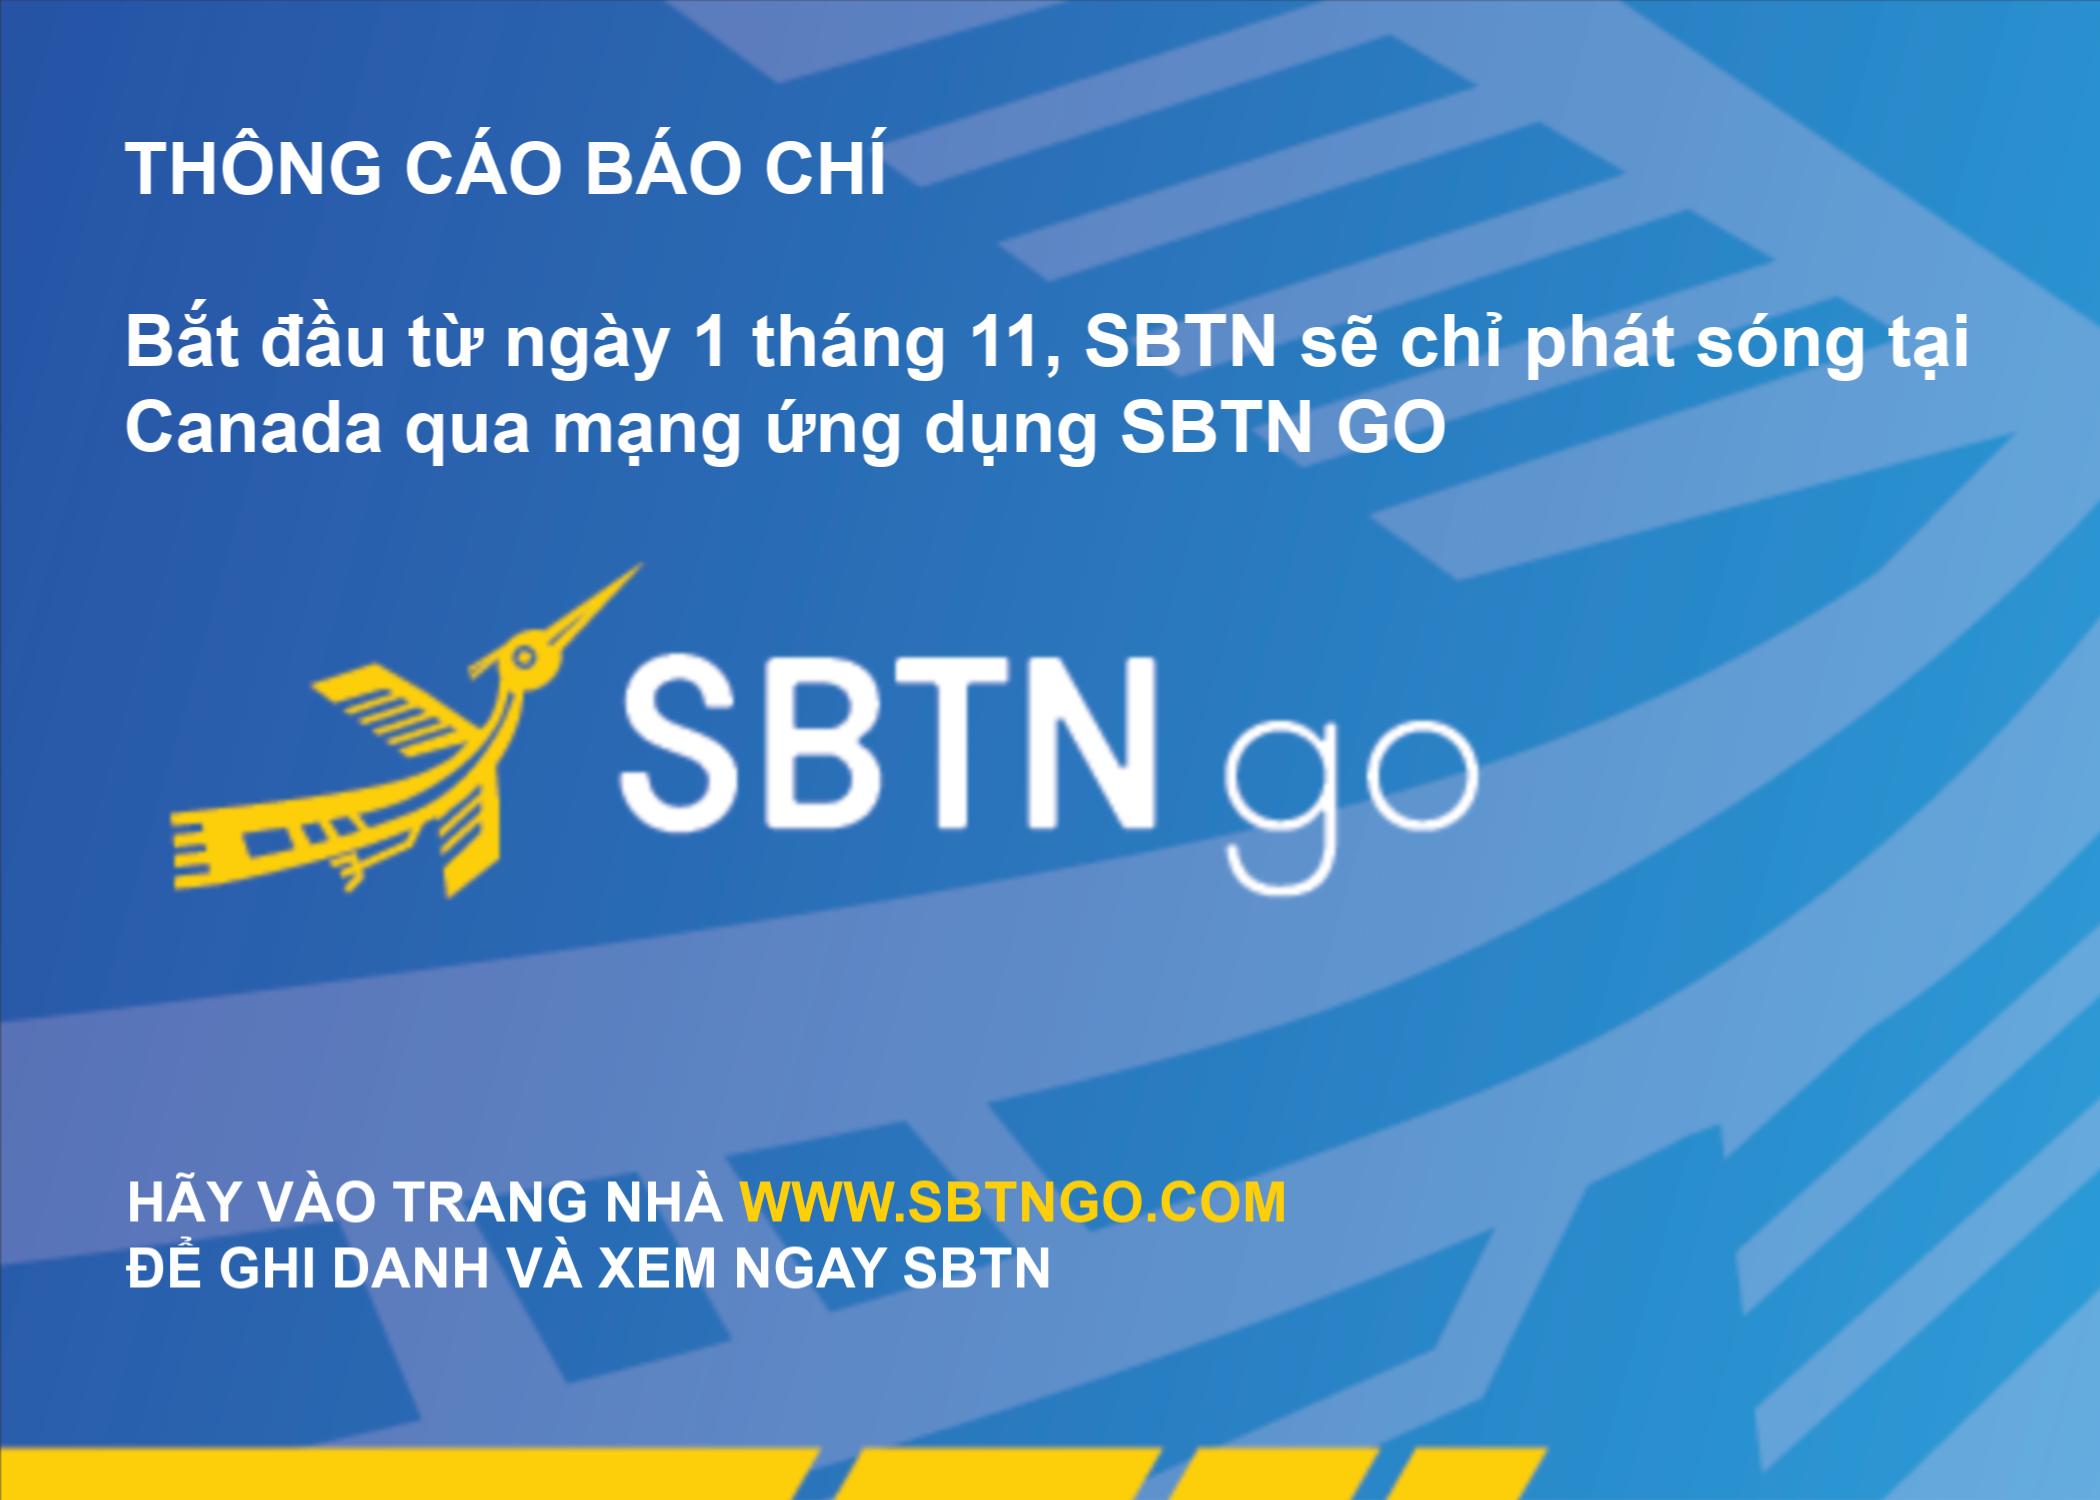 Bắt đầu từ ngày 1 tháng 11, SBTN sẽ chỉ phát sóng tại Canada qua mạng ứng dụng SBTN GO